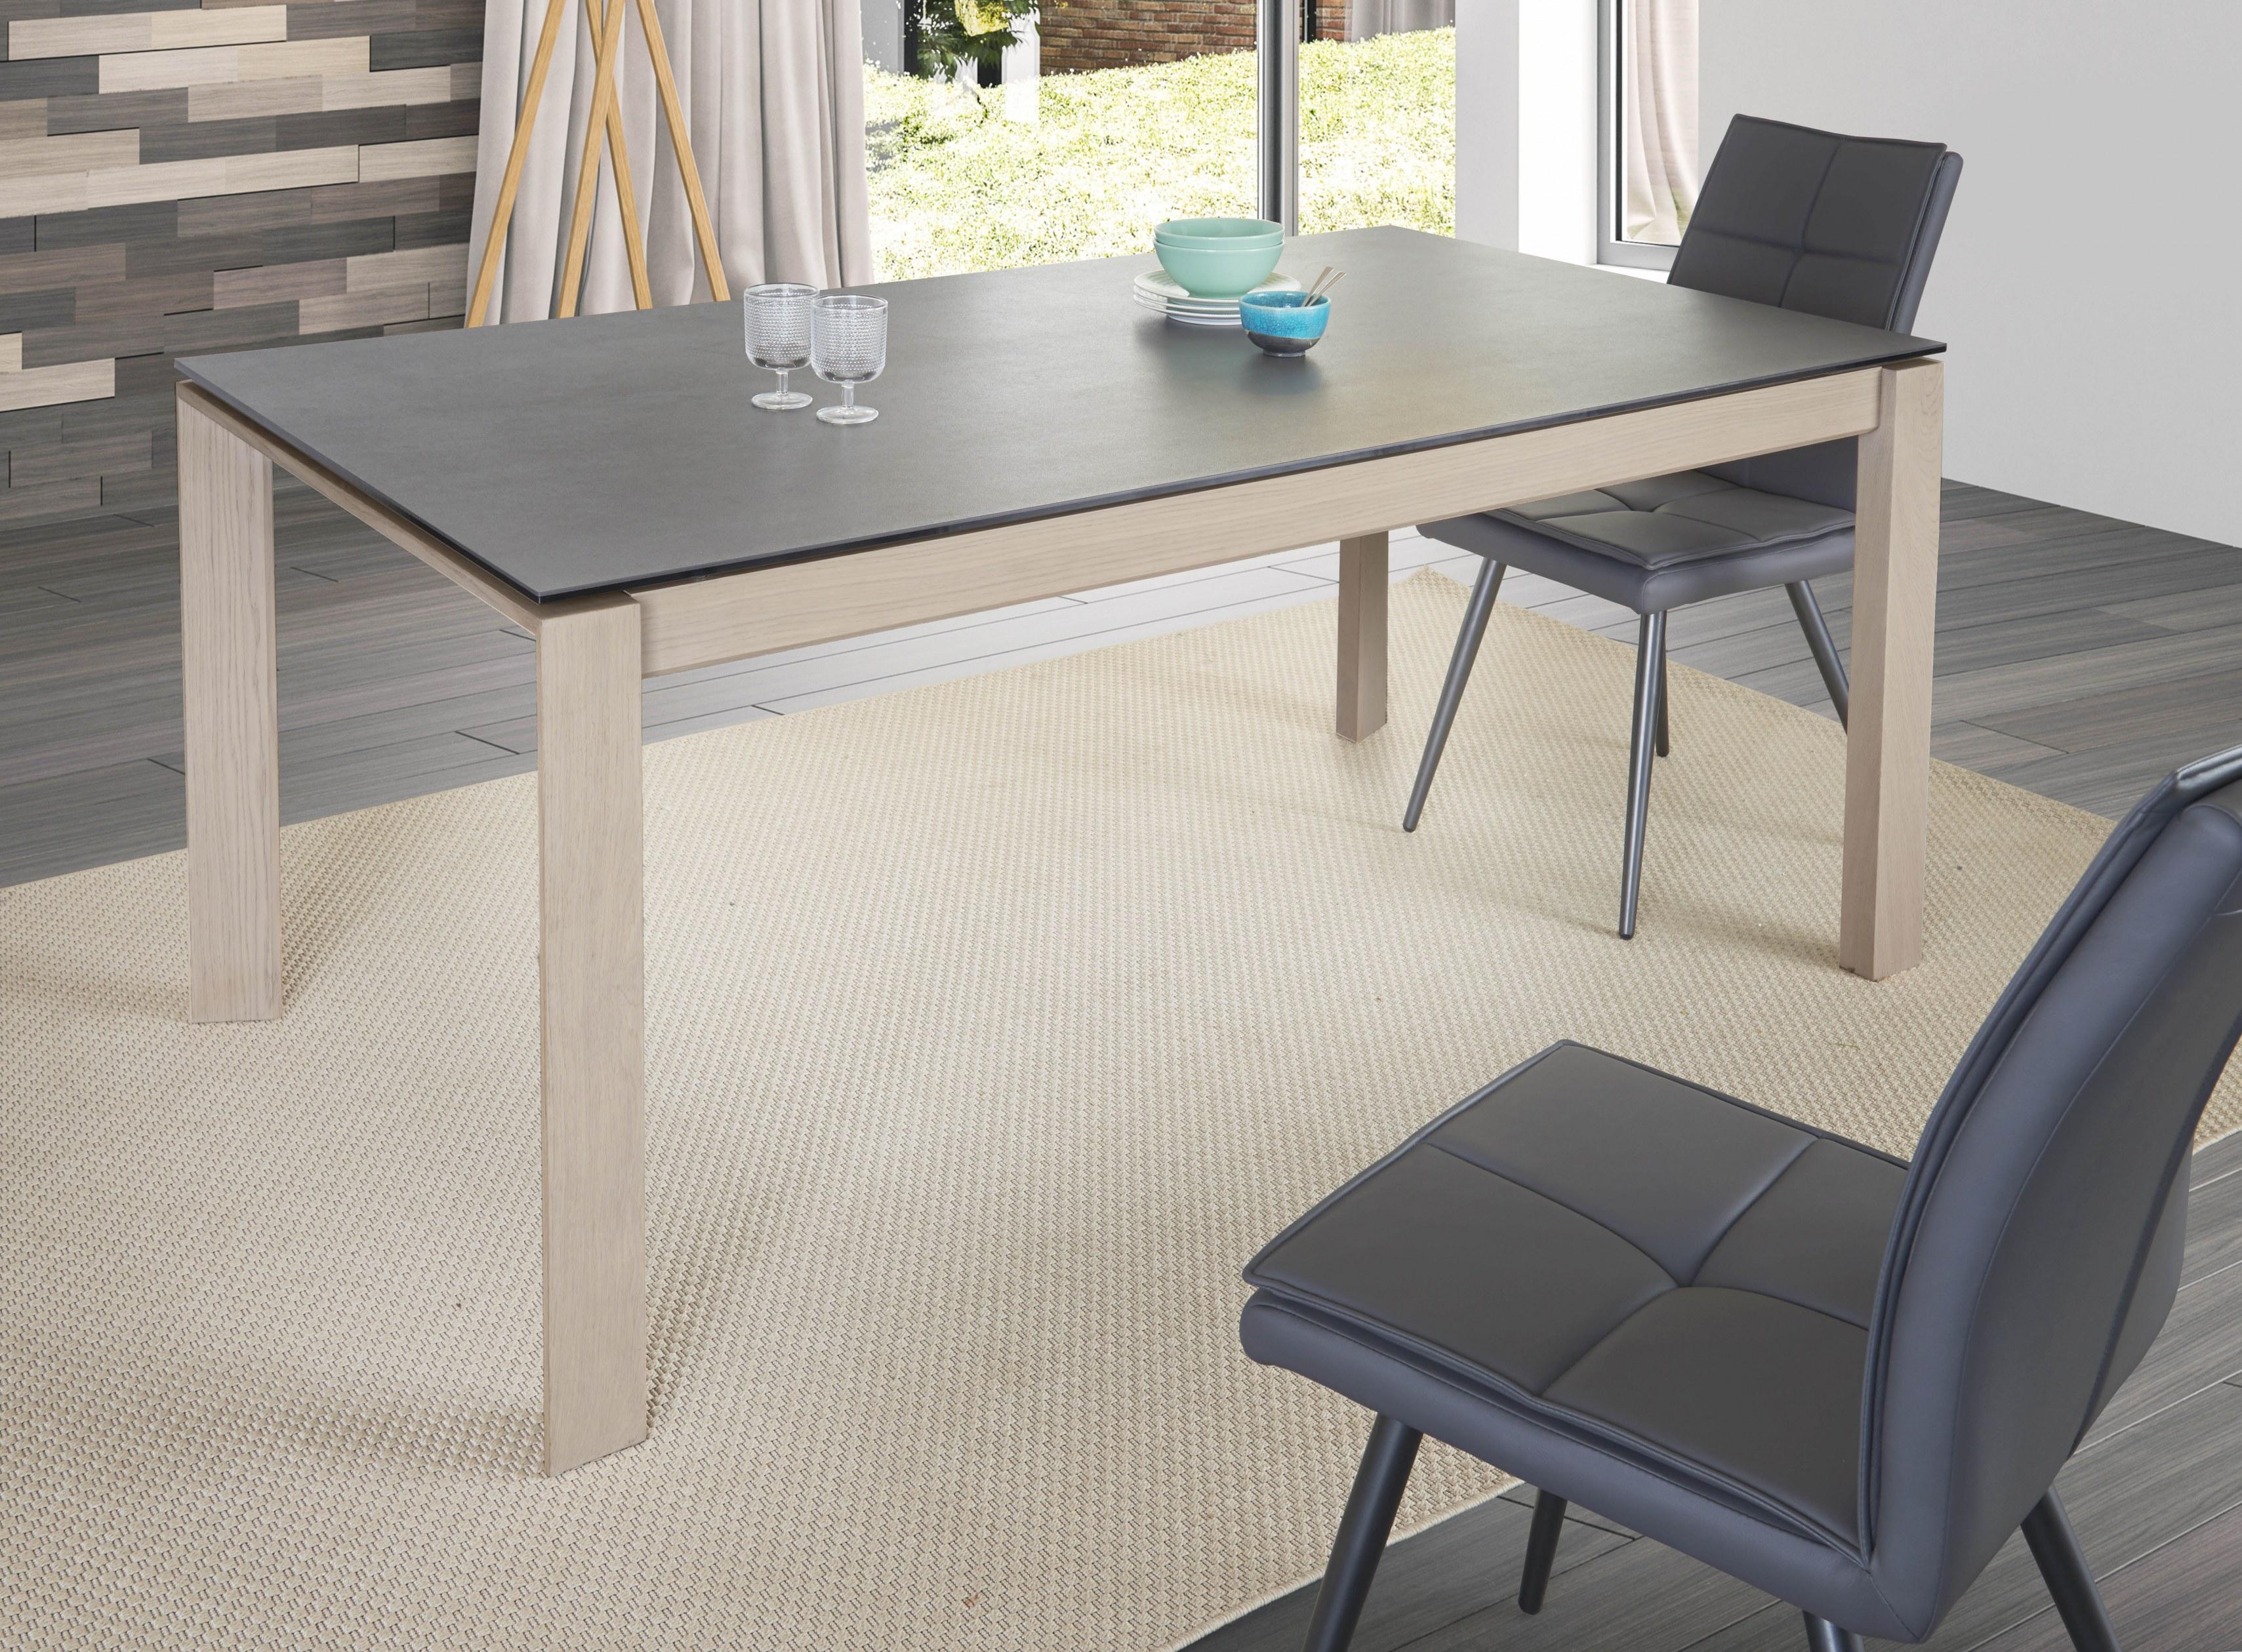 Table Vision Full Ceramique Rectangulaire 180x100 Fabricants Reunis